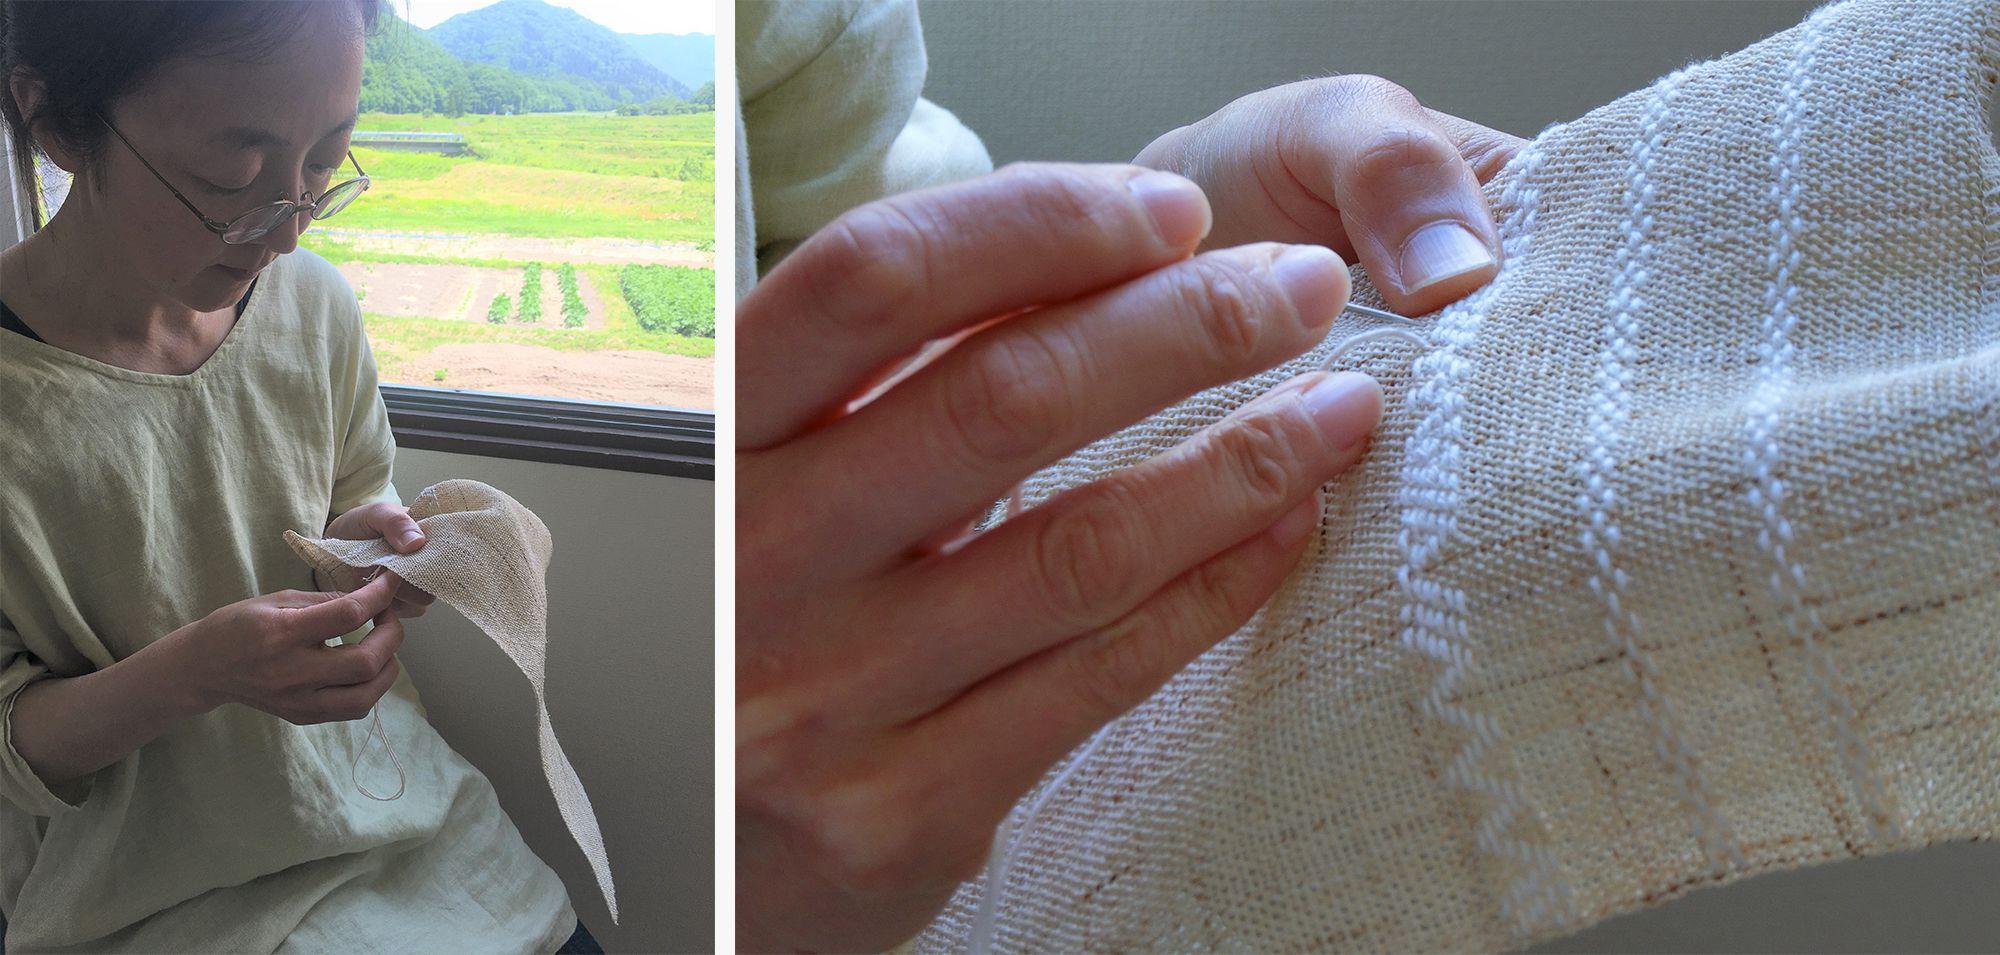 自ら織り上げたからむしの布に、こぎんを刺していく。こぎん刺しは青森・津軽地方に伝わる伝統的な刺し子の技法のこと。